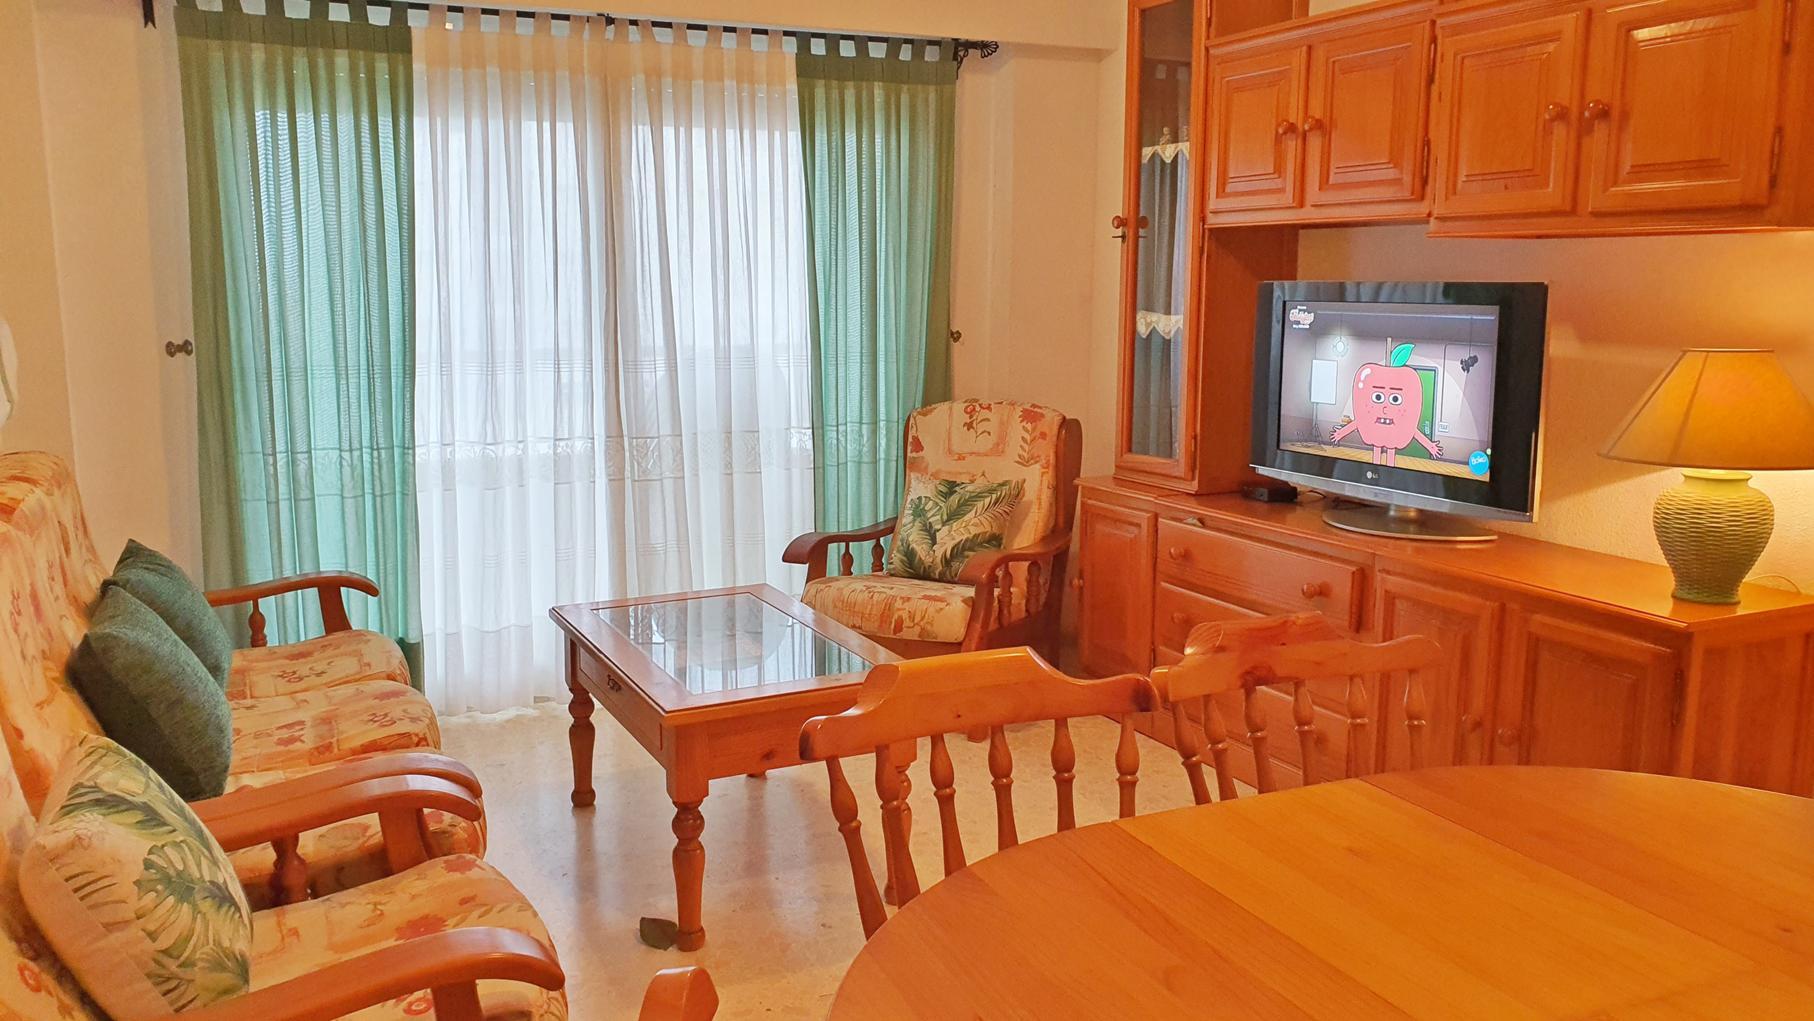 Apartamento -                                       Gandia -                                       3 dormitorios -                                       6 ocupantes